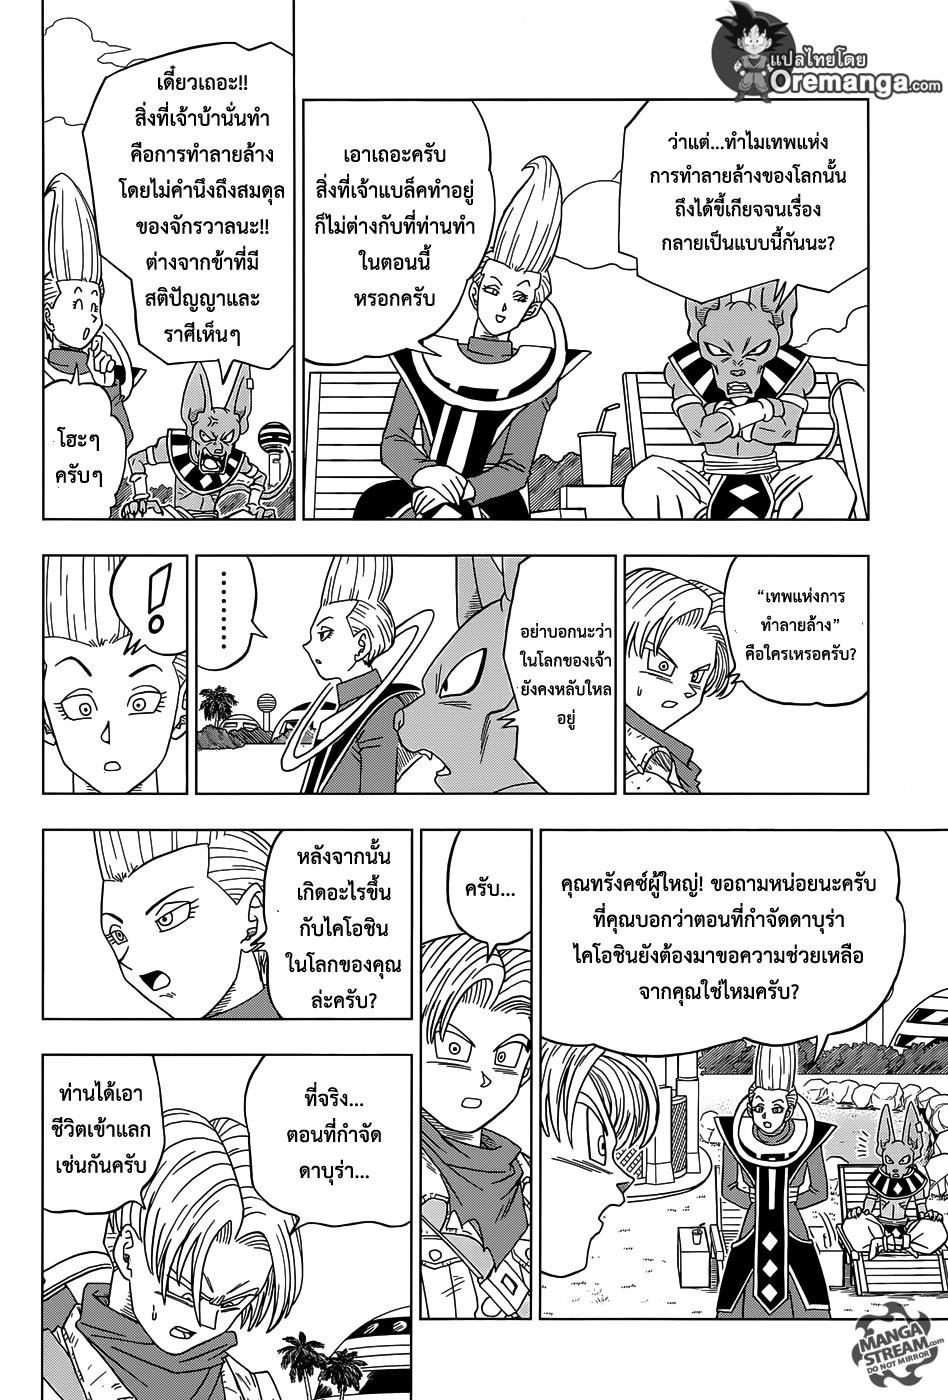 อ่านการ์ตูน Dragonball Super ตอนที่ 15 หน้าที่ 38